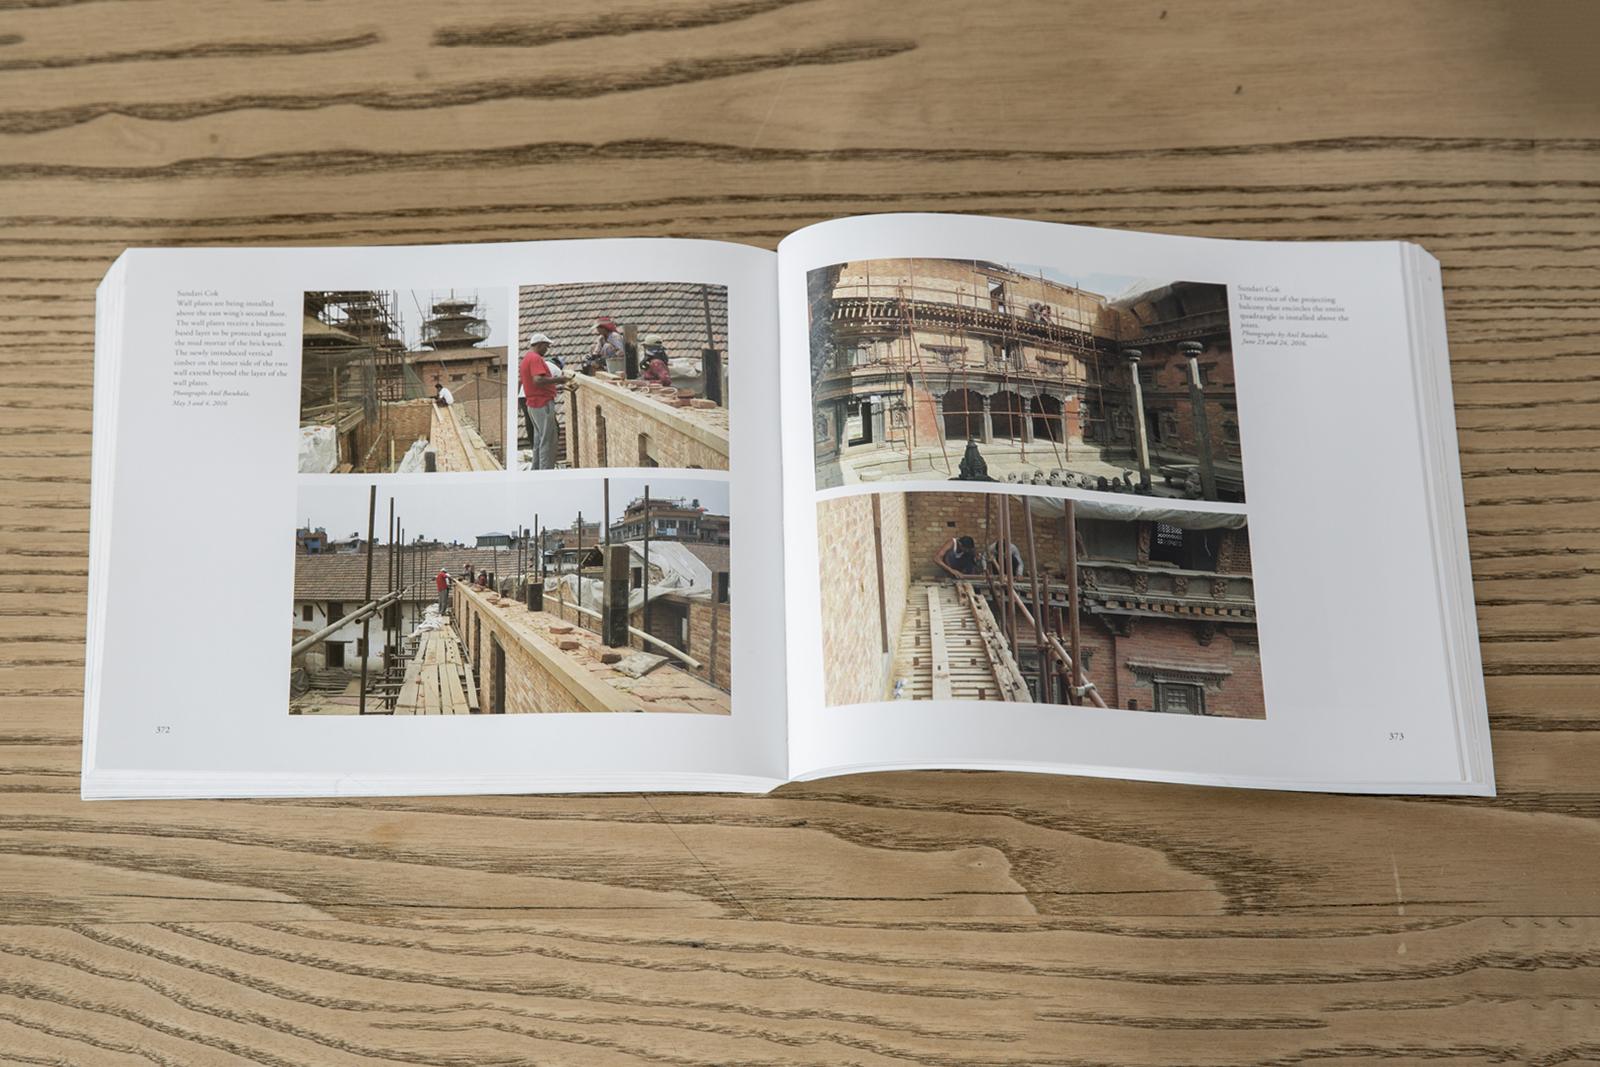 kvpt_book-spread10.jpg